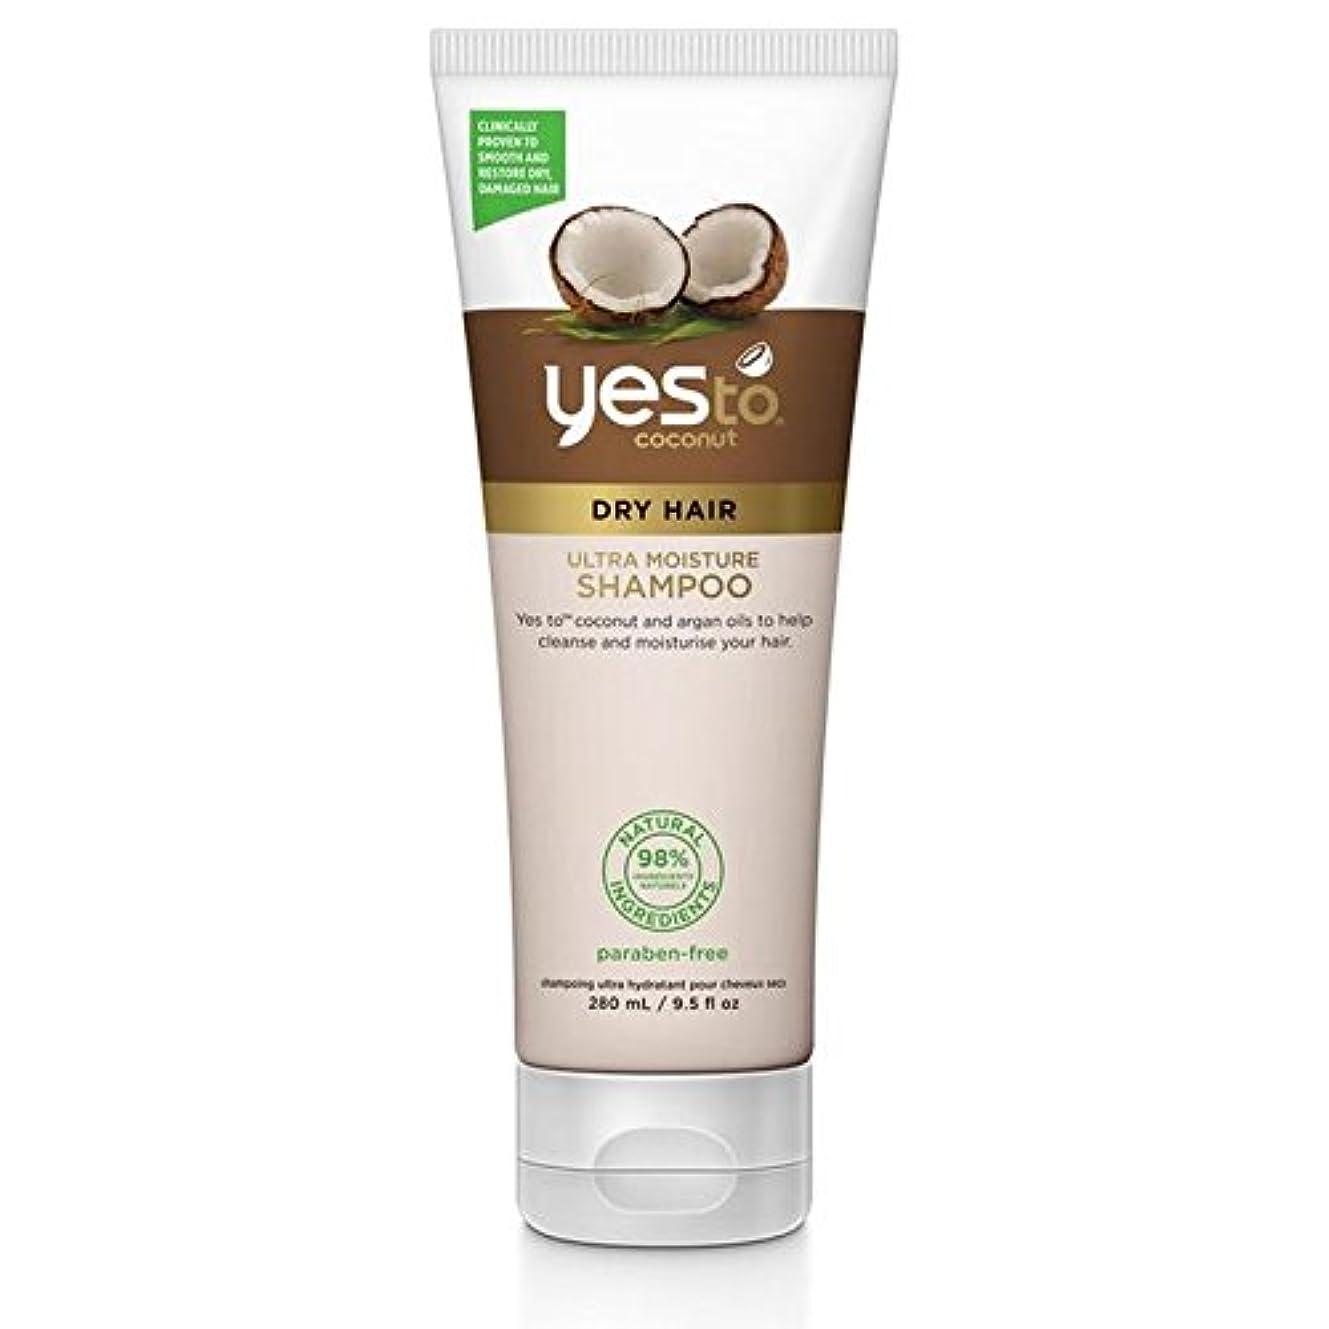 ワイヤー従順な自然Yes To Coconut Ultra Moisture Shampoo 280ml - はいウルトラ水分シャンプー280ミリリットルをココナッツします [並行輸入品]